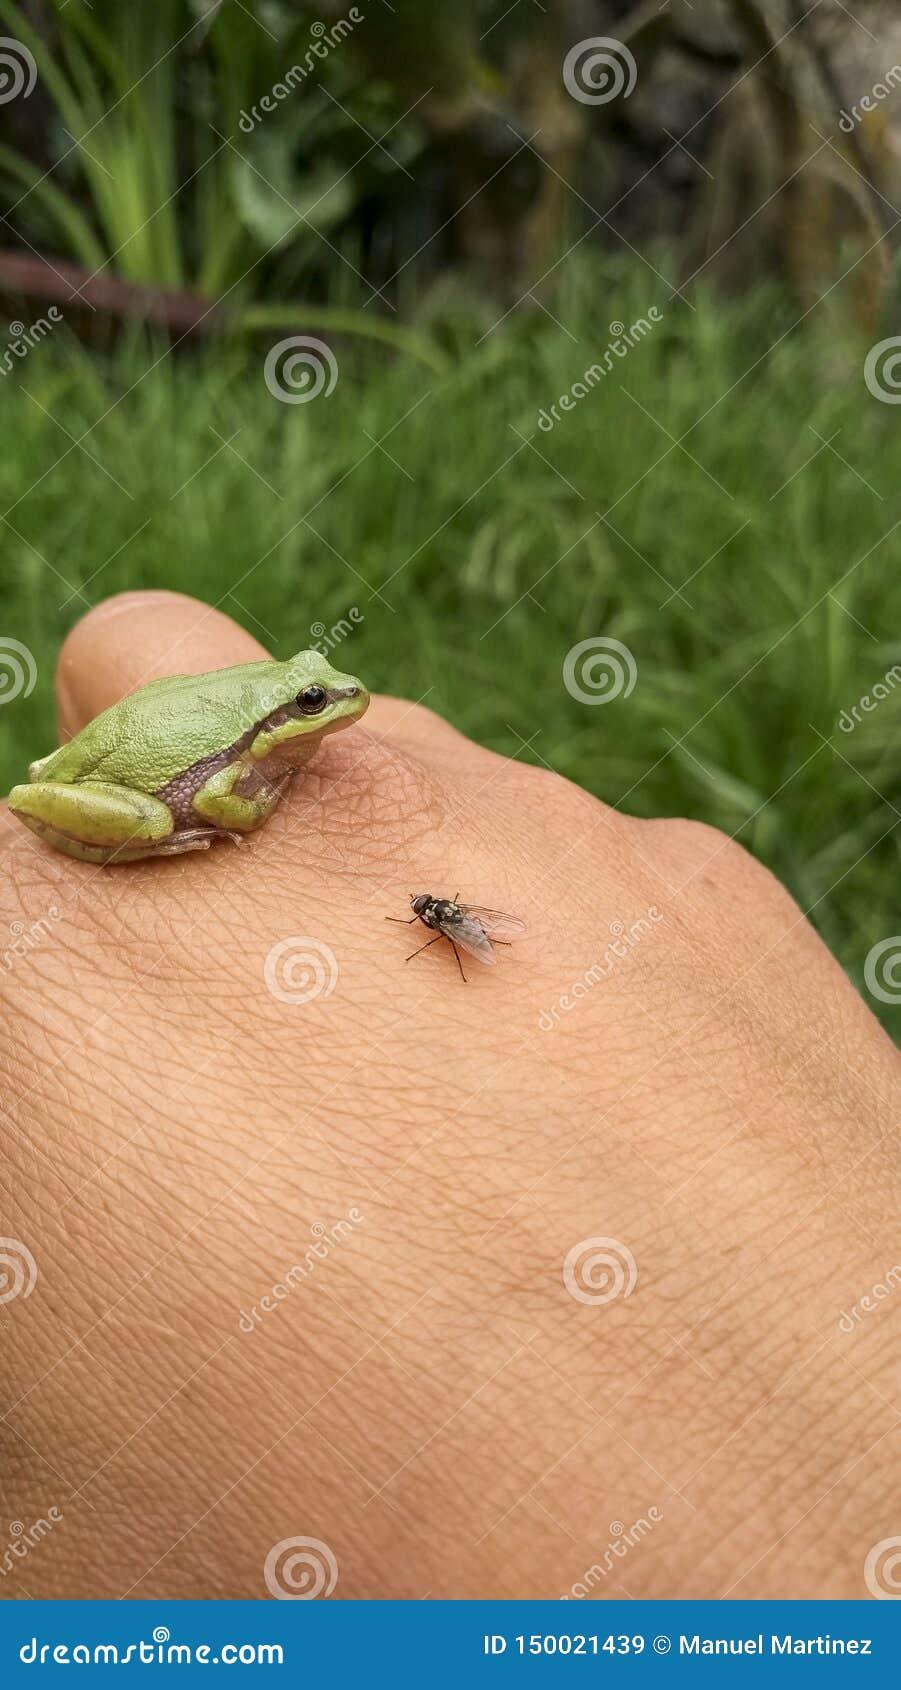 Vriendschappelijke dieren van aard dat u bewust moet zijn